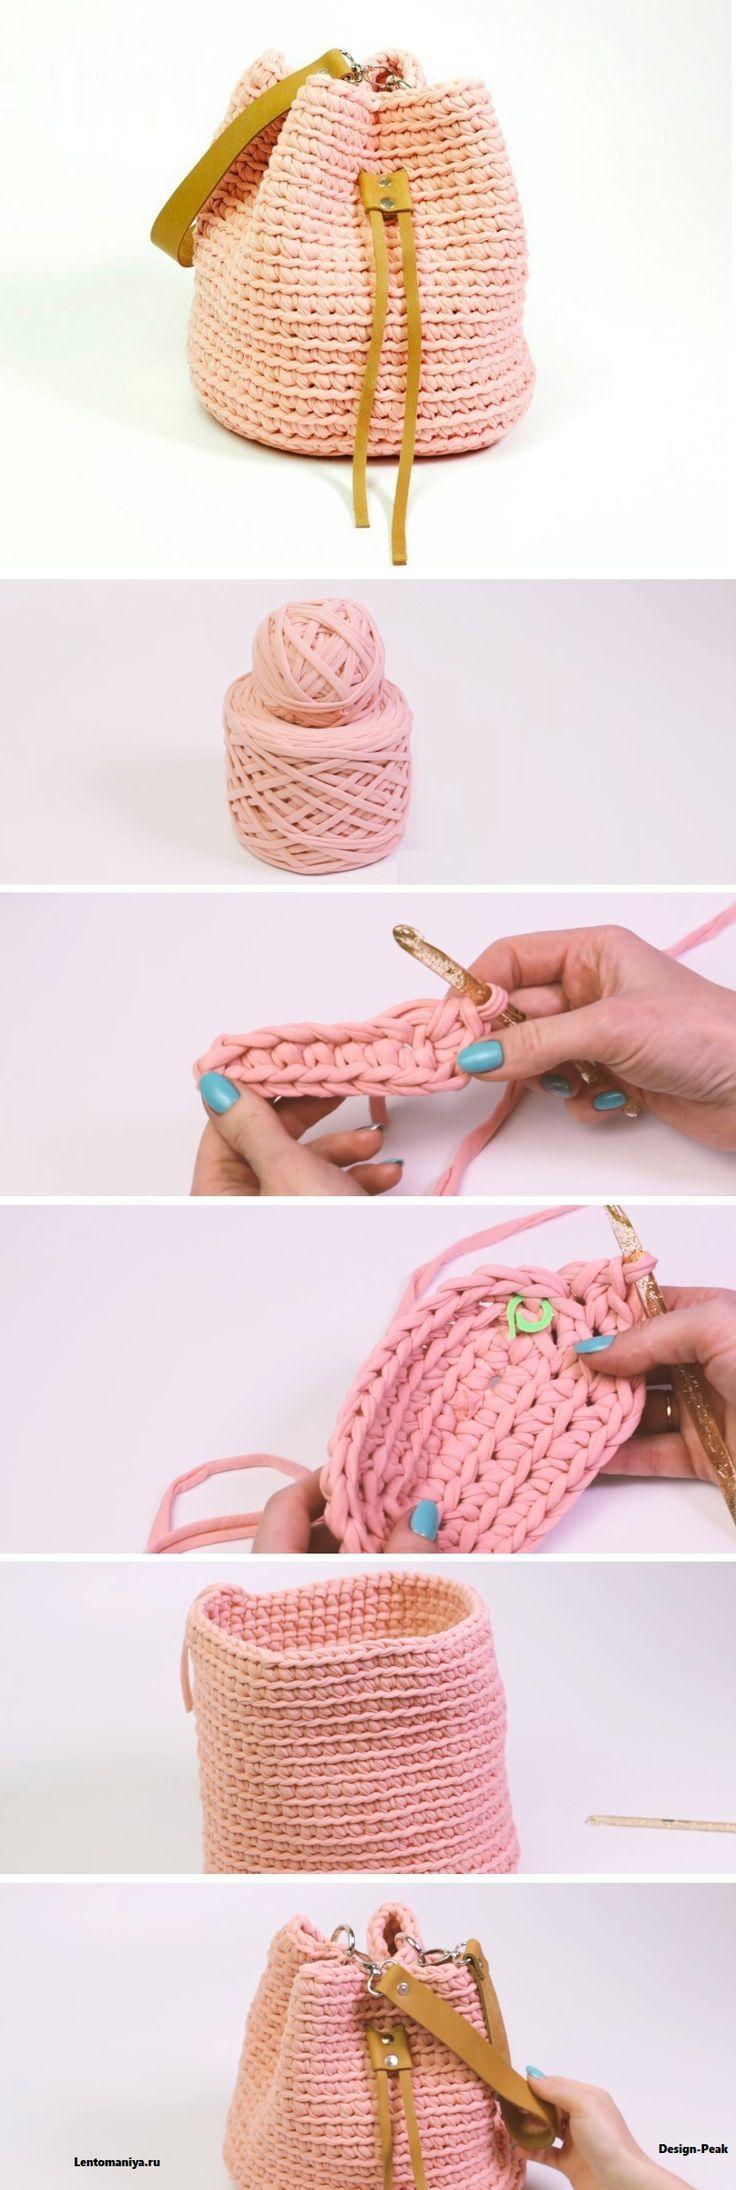 Crochet Backpack Häkeln Pinterest Häkeln Tasche Häkeln Und